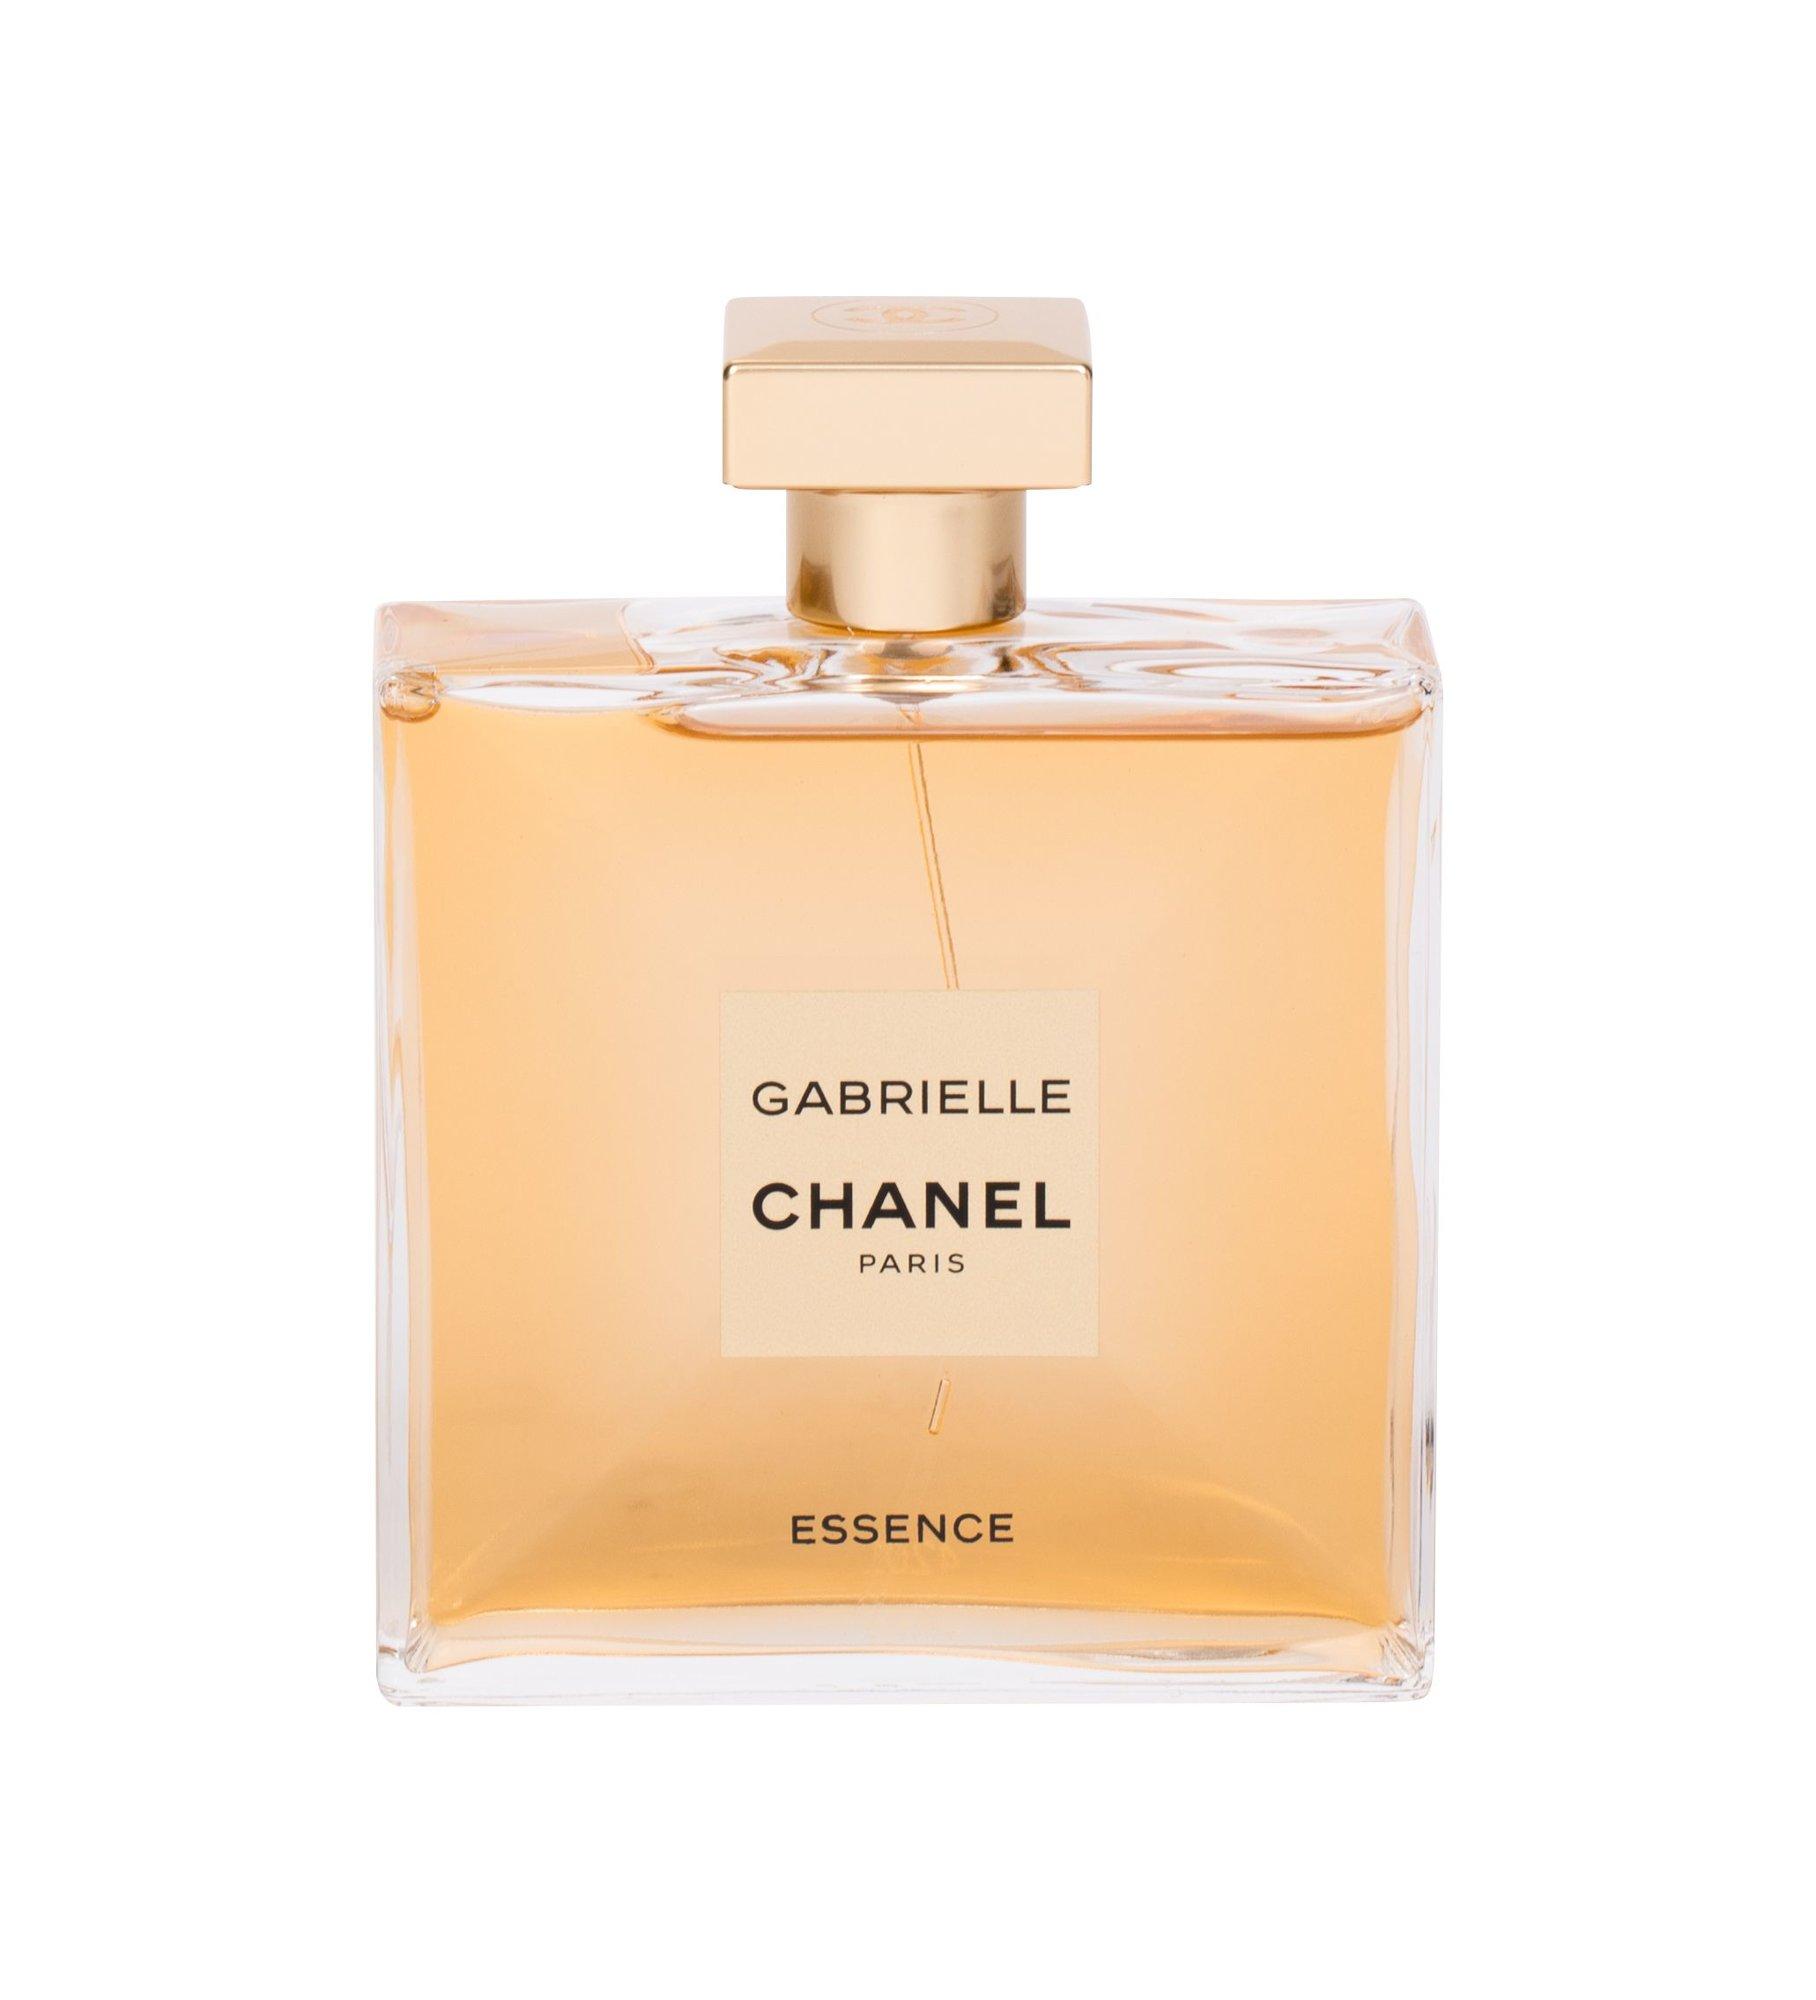 Chanel Gabrielle Eau de Parfum 100ml  Essence